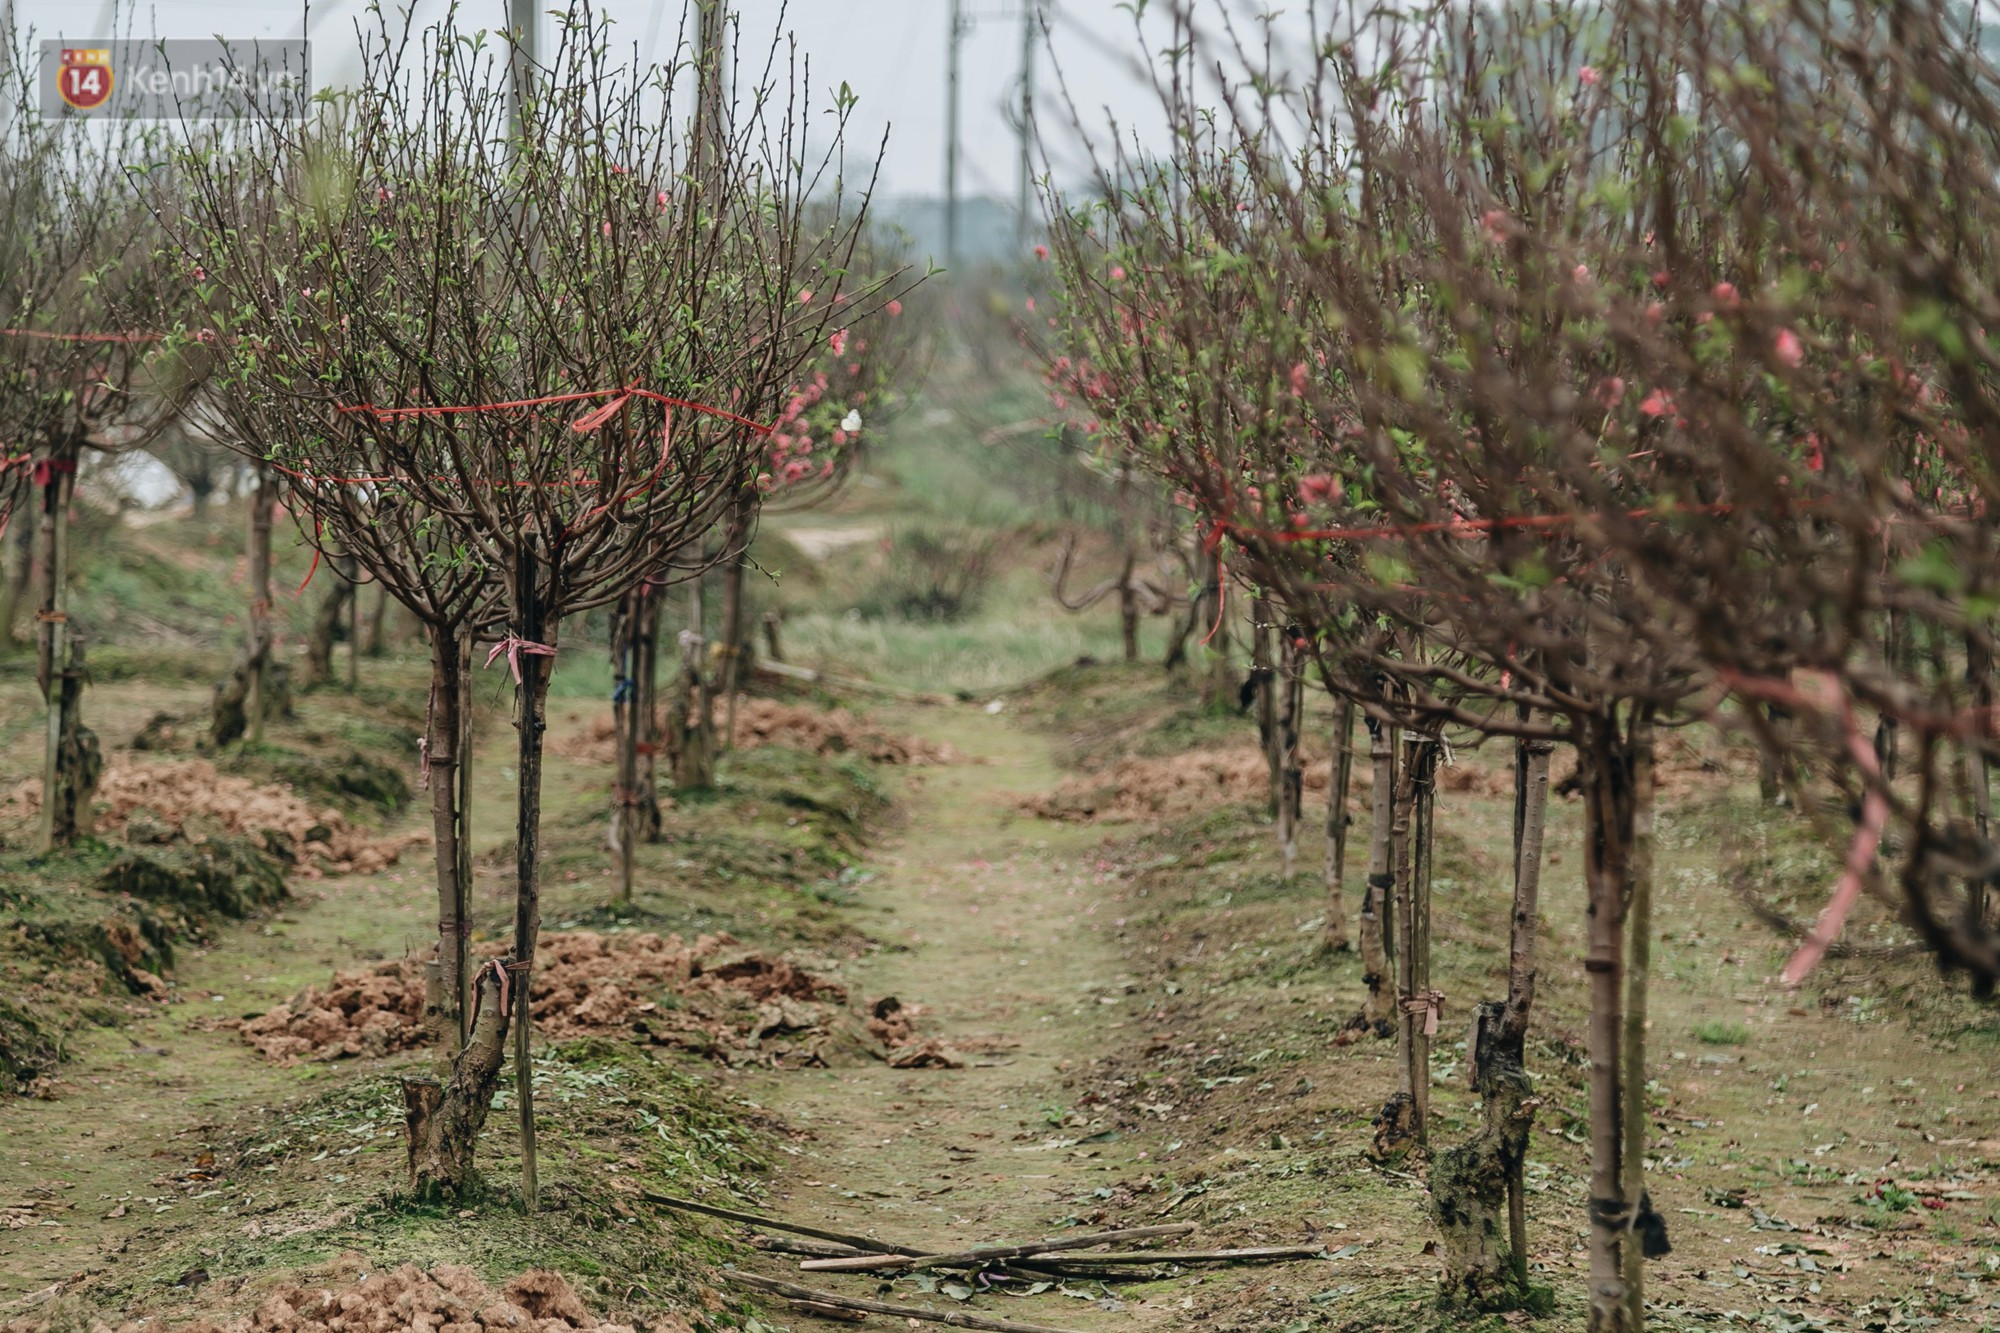 Gần 200 gốc đào của người dân Bắc Ninh bị chặt phá trong đêm: Tết năm nay còn chả có bánh chưng mà ăn-1